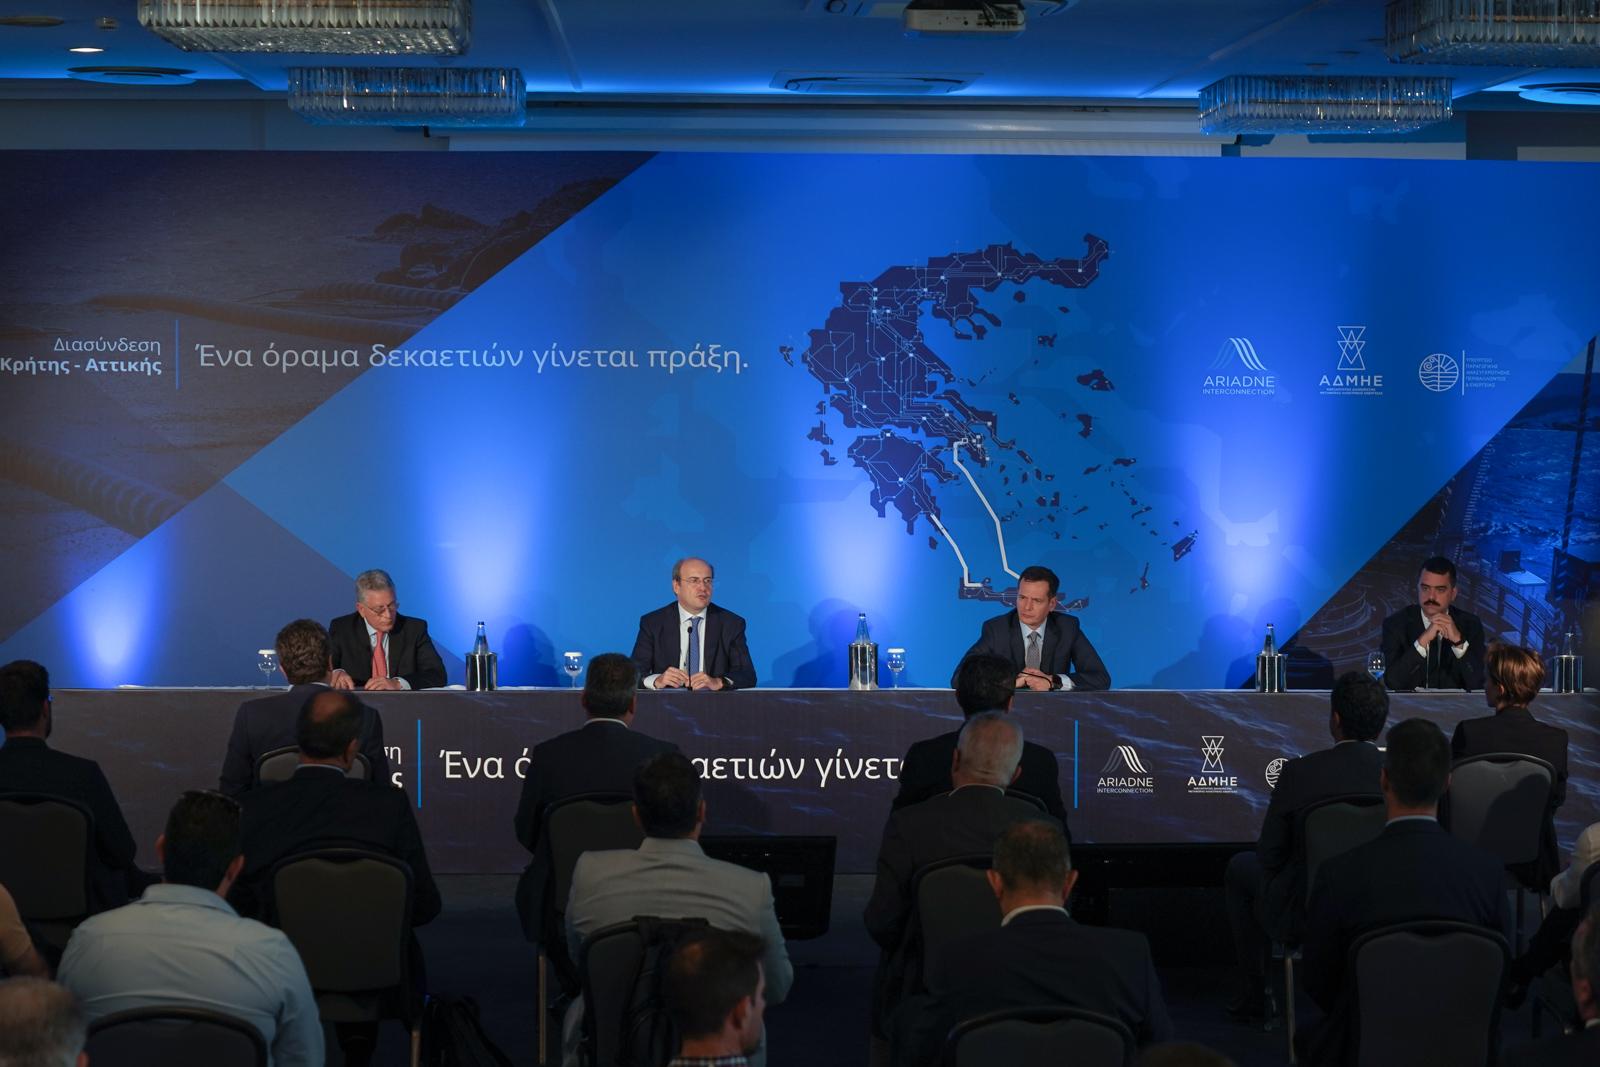 Ηλεκτρική διασύνδεση Κρήτης-Αττικής: Ένα έργο εθνικής σημασίας